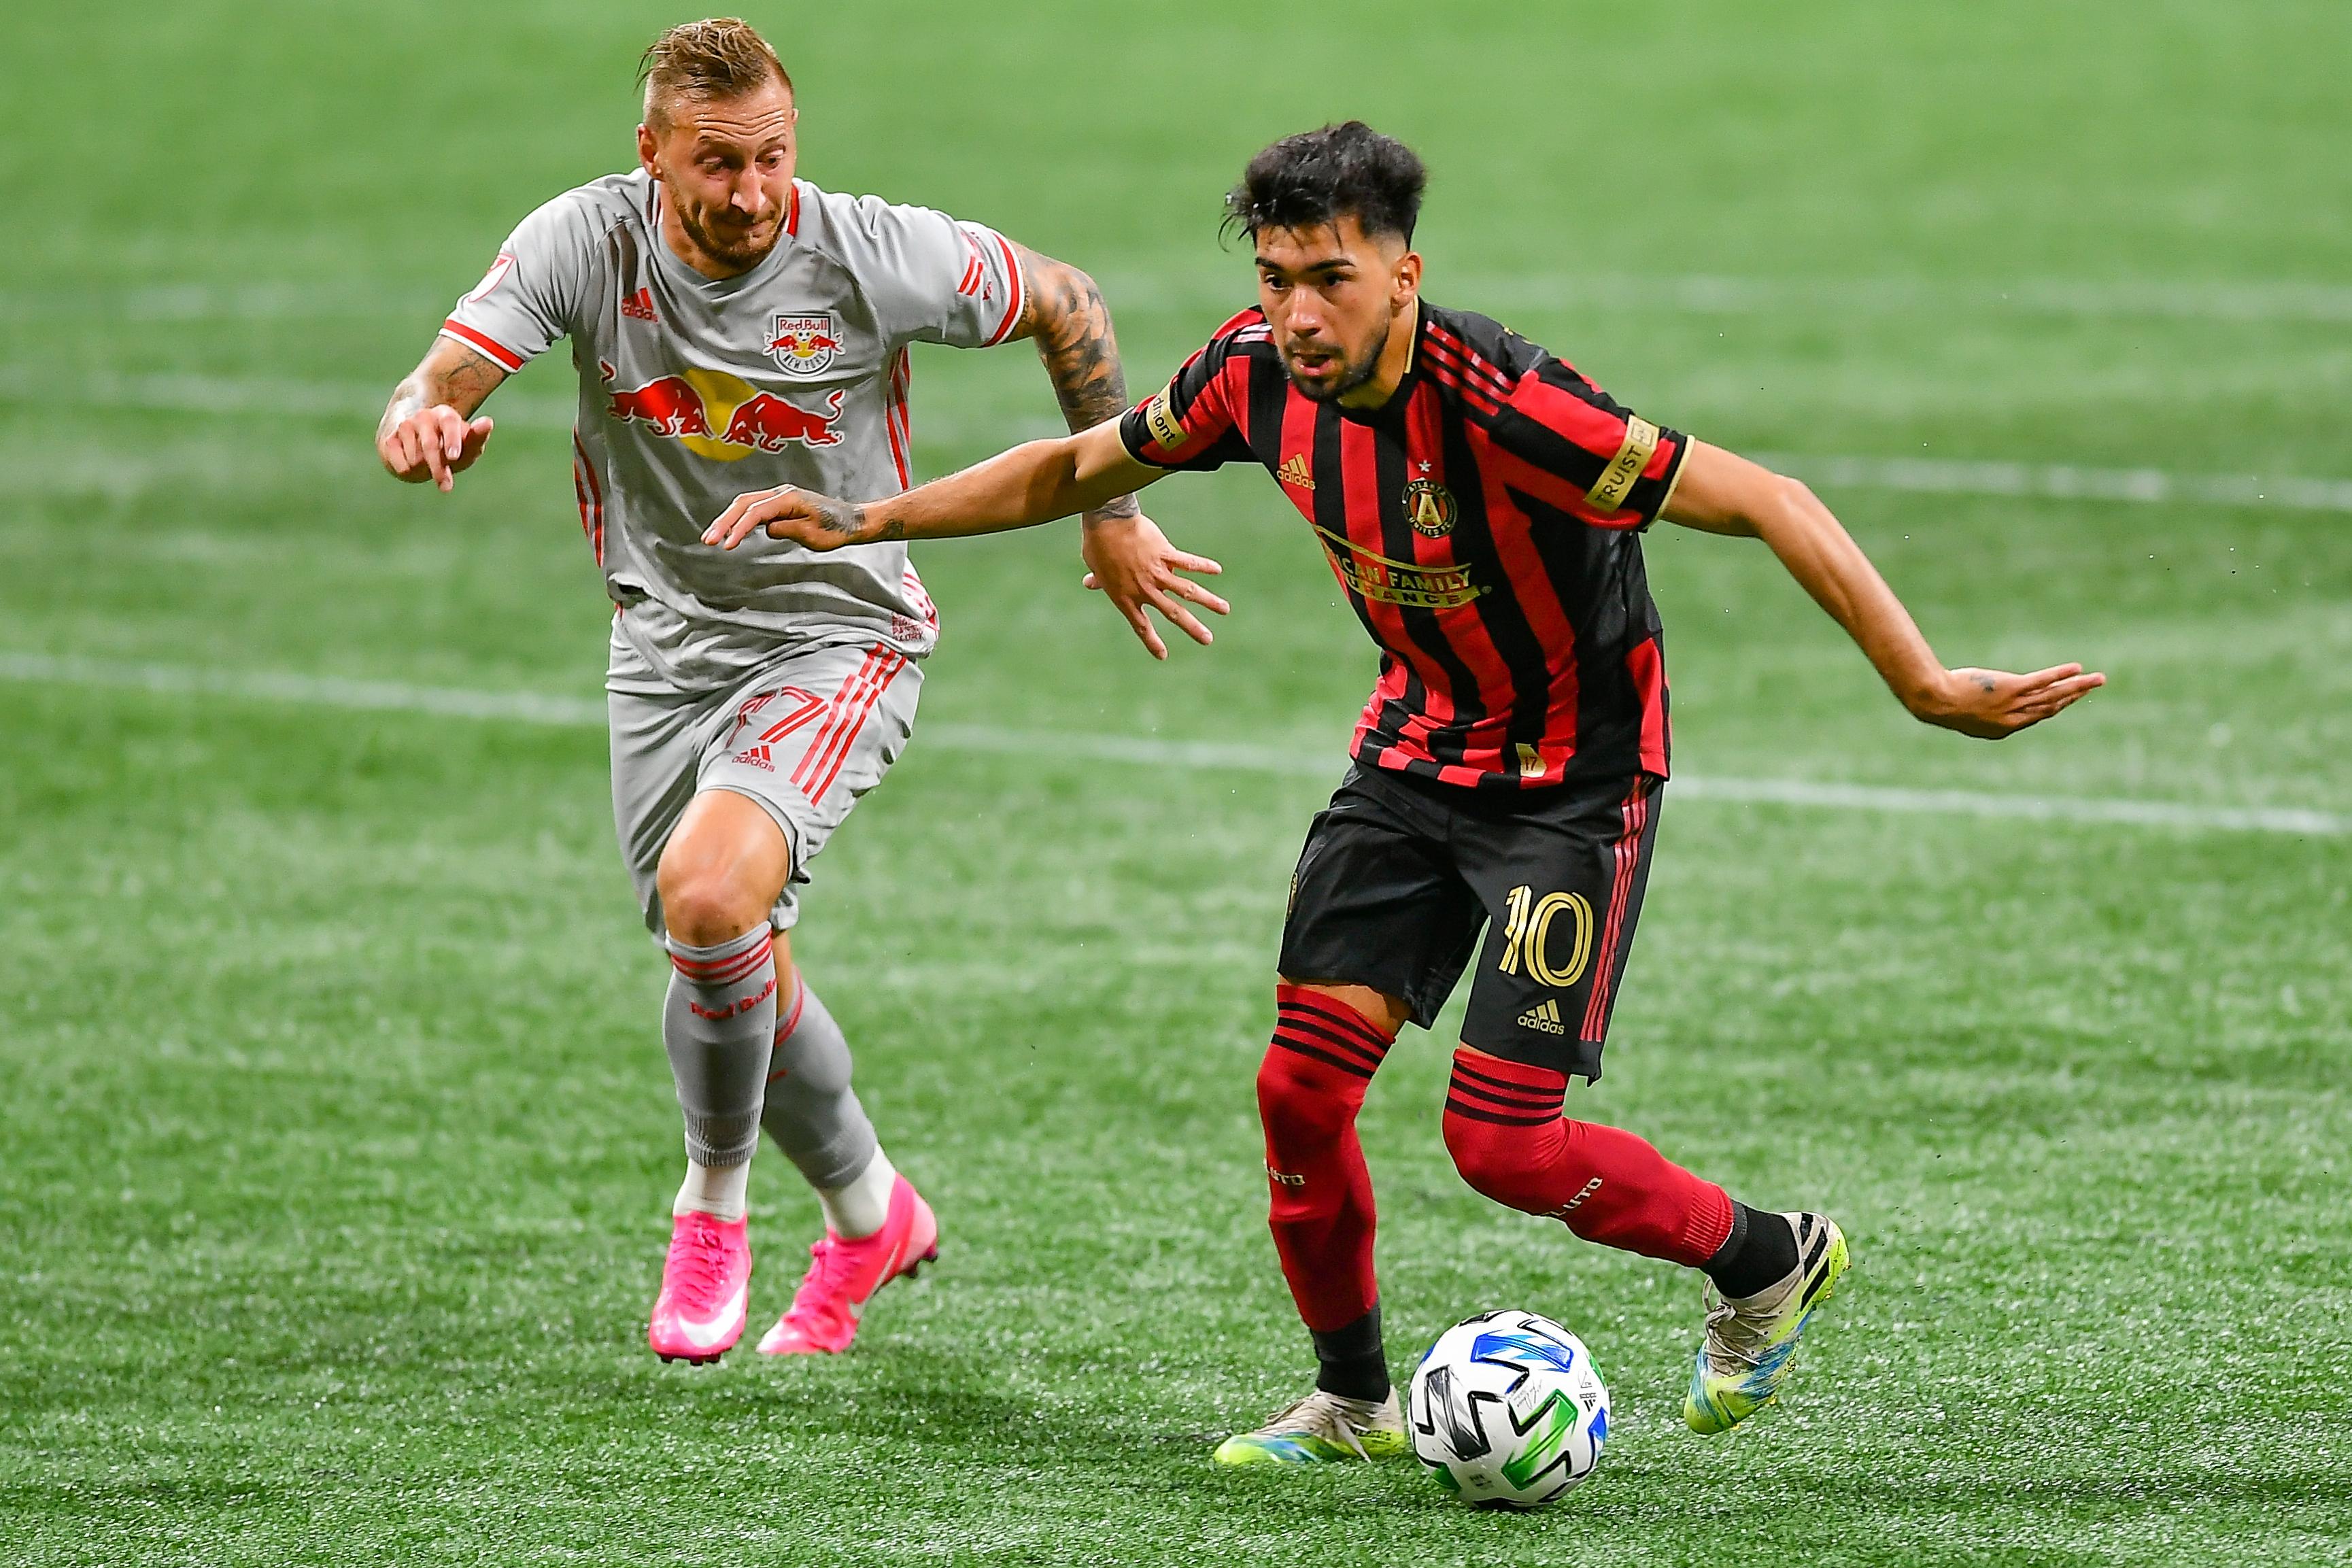 SOCCER: OCT 10 MLS - New York Red Bulls at Atlanta United FC